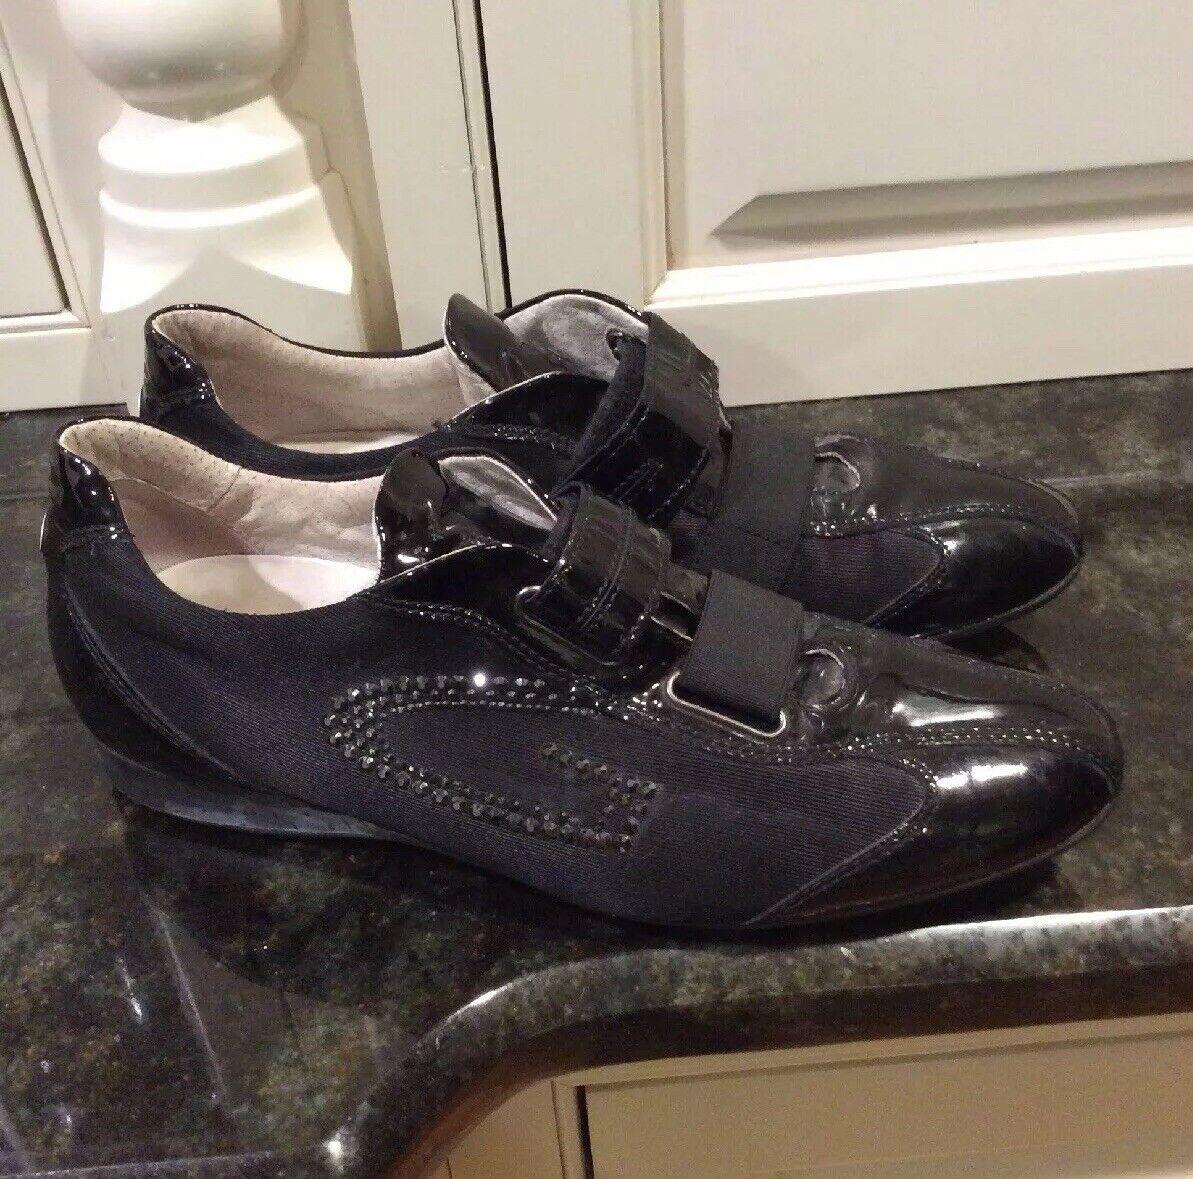 Alberto Guardiani zapatillas de patente negro, tamaño 40, nosotros tamaño 9.  Hermoso